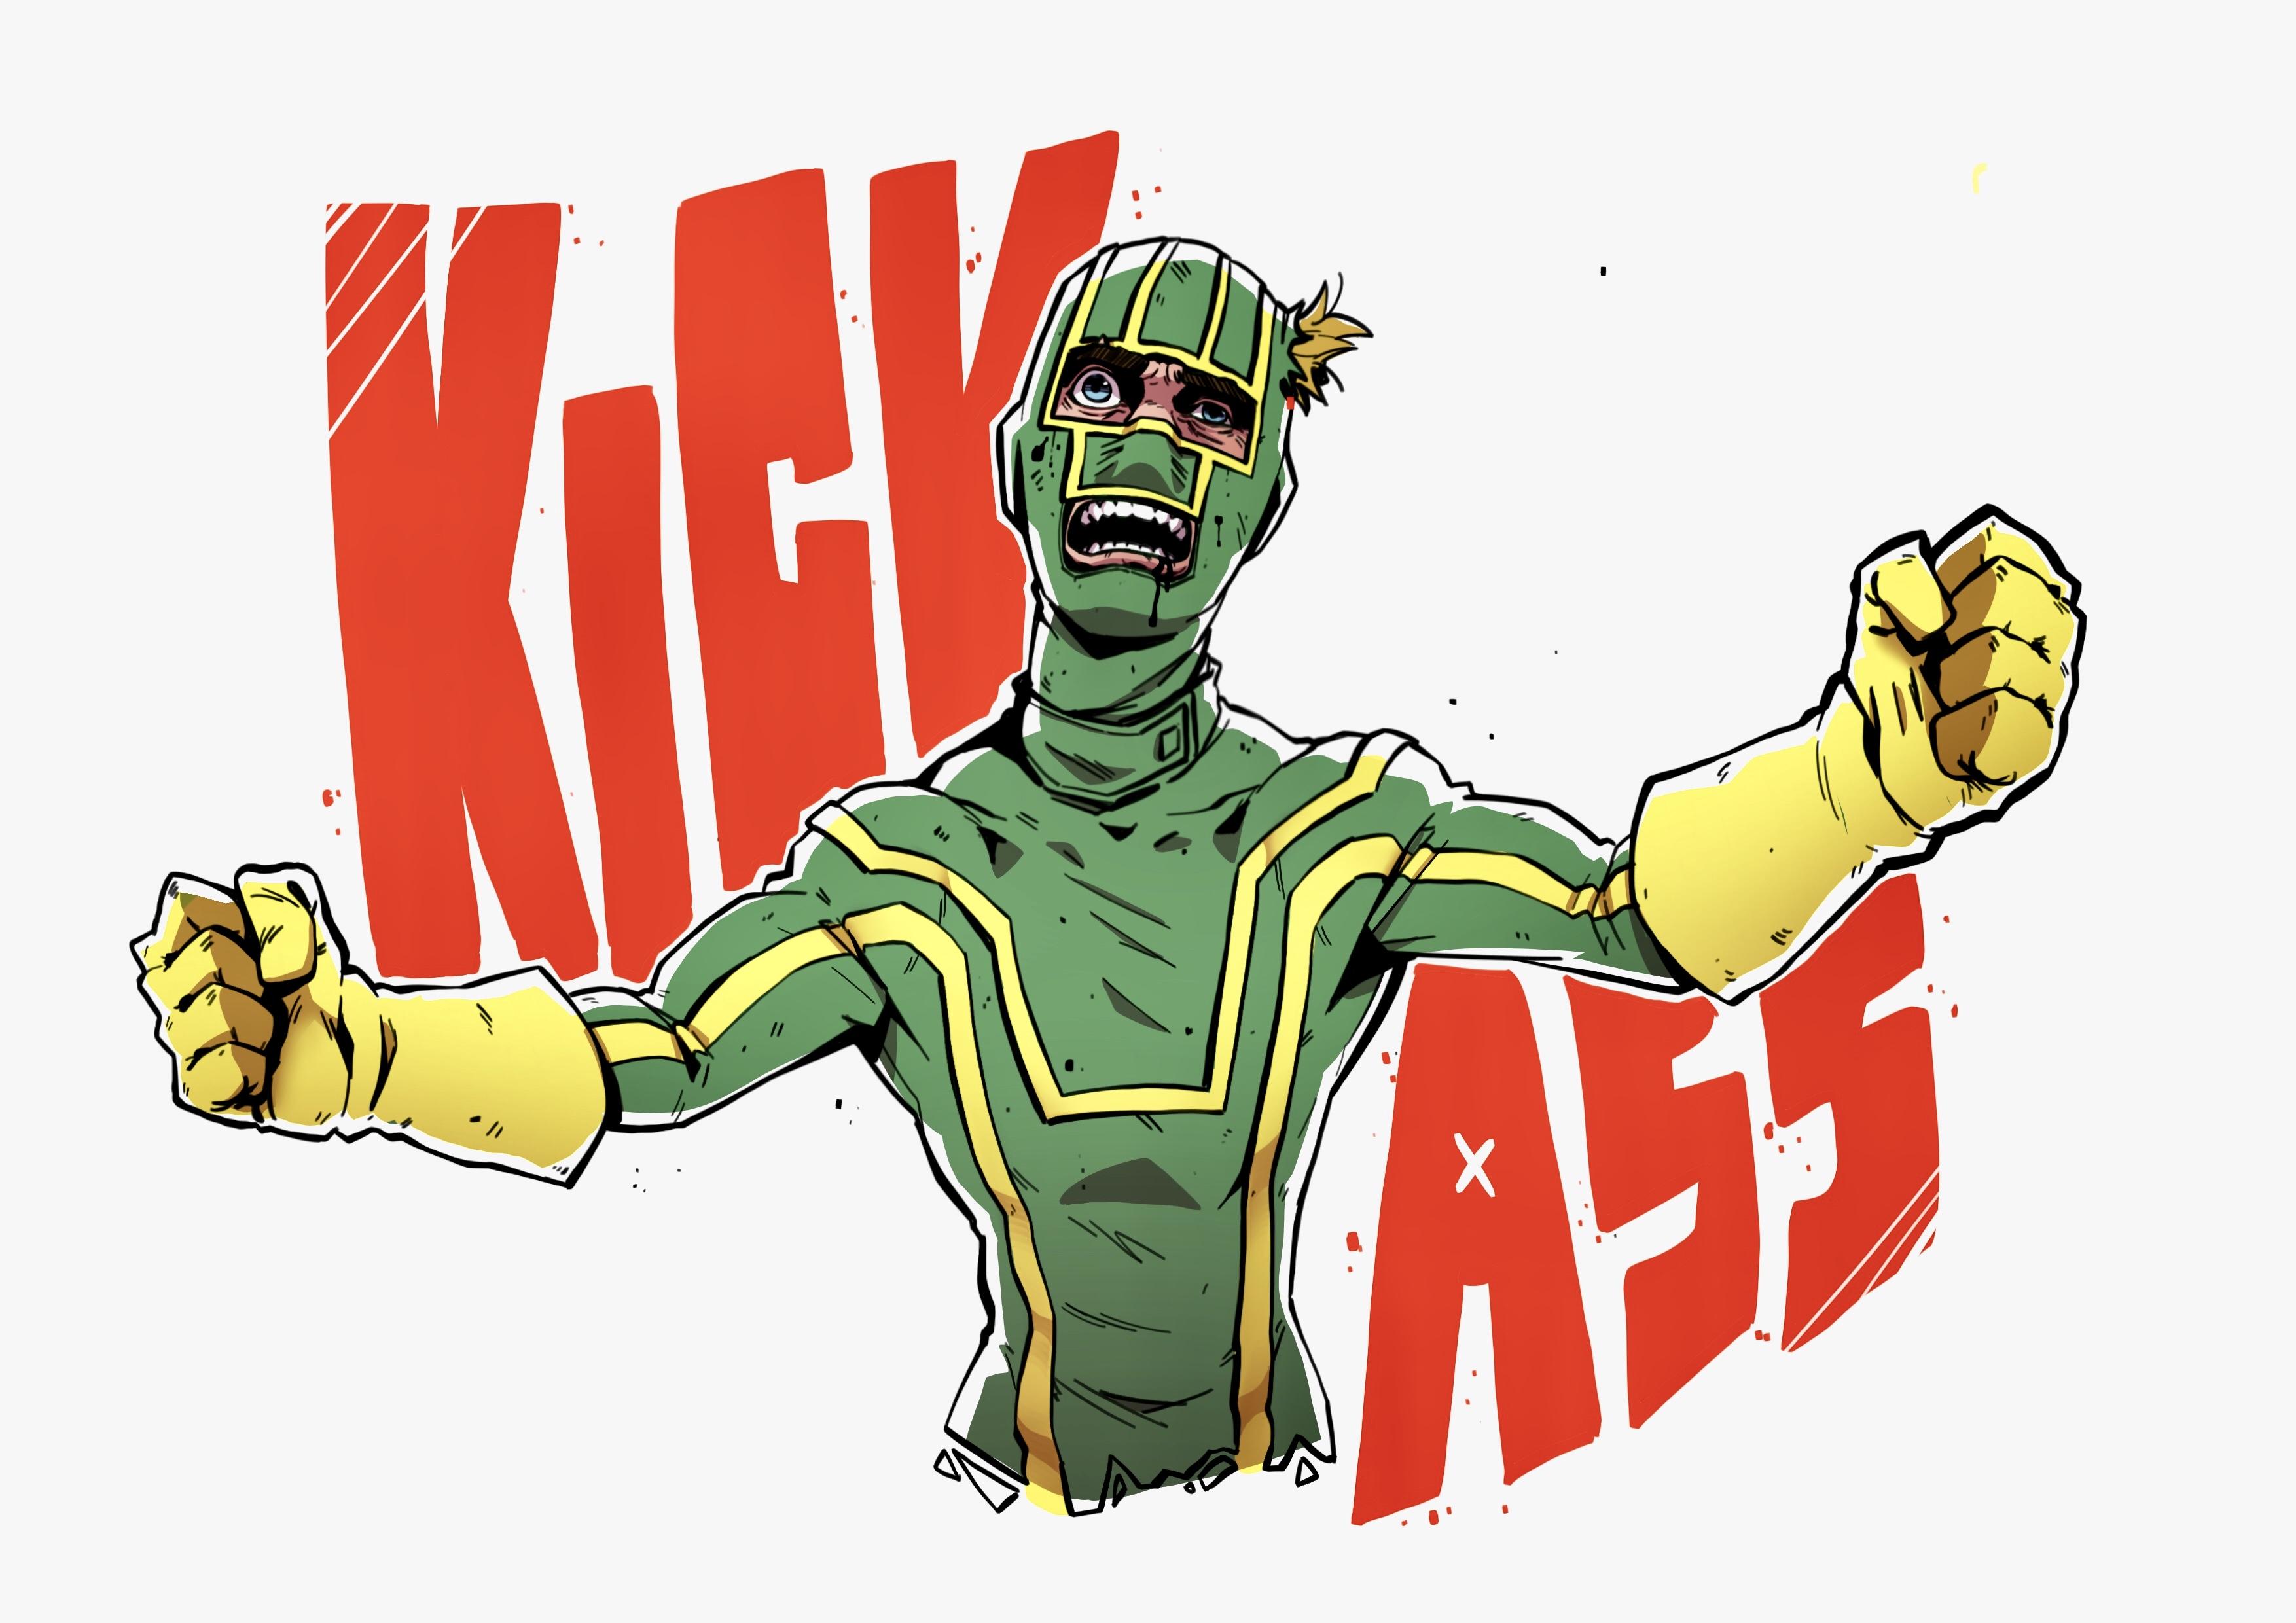 ASS-KICKED